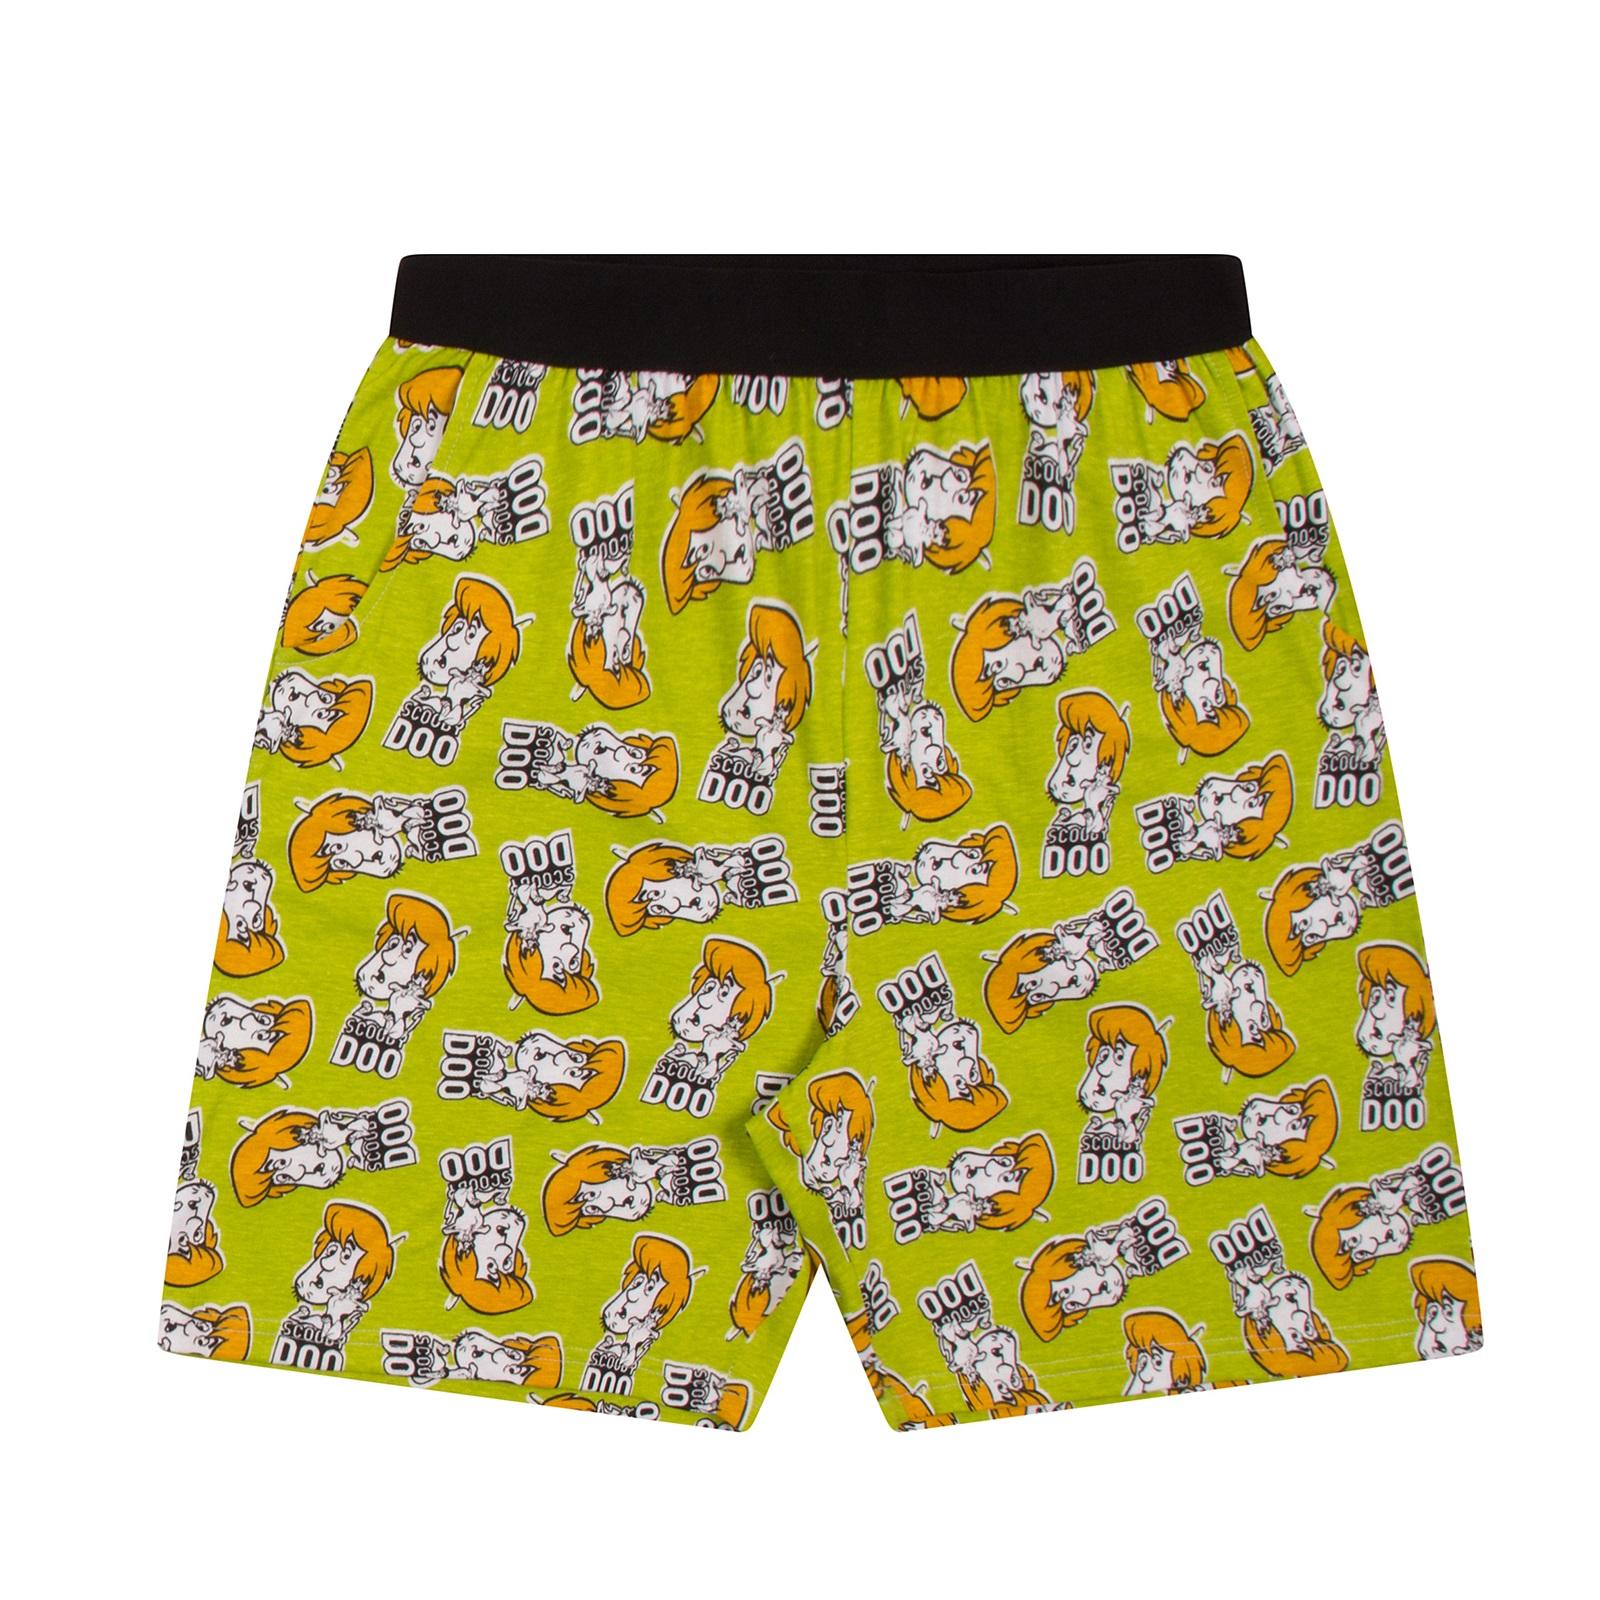 Scooby-Doo-Shaggy-Mystery-Machine-Official-Mens-Loungewear-Retro-Short-Pyjamas thumbnail 8